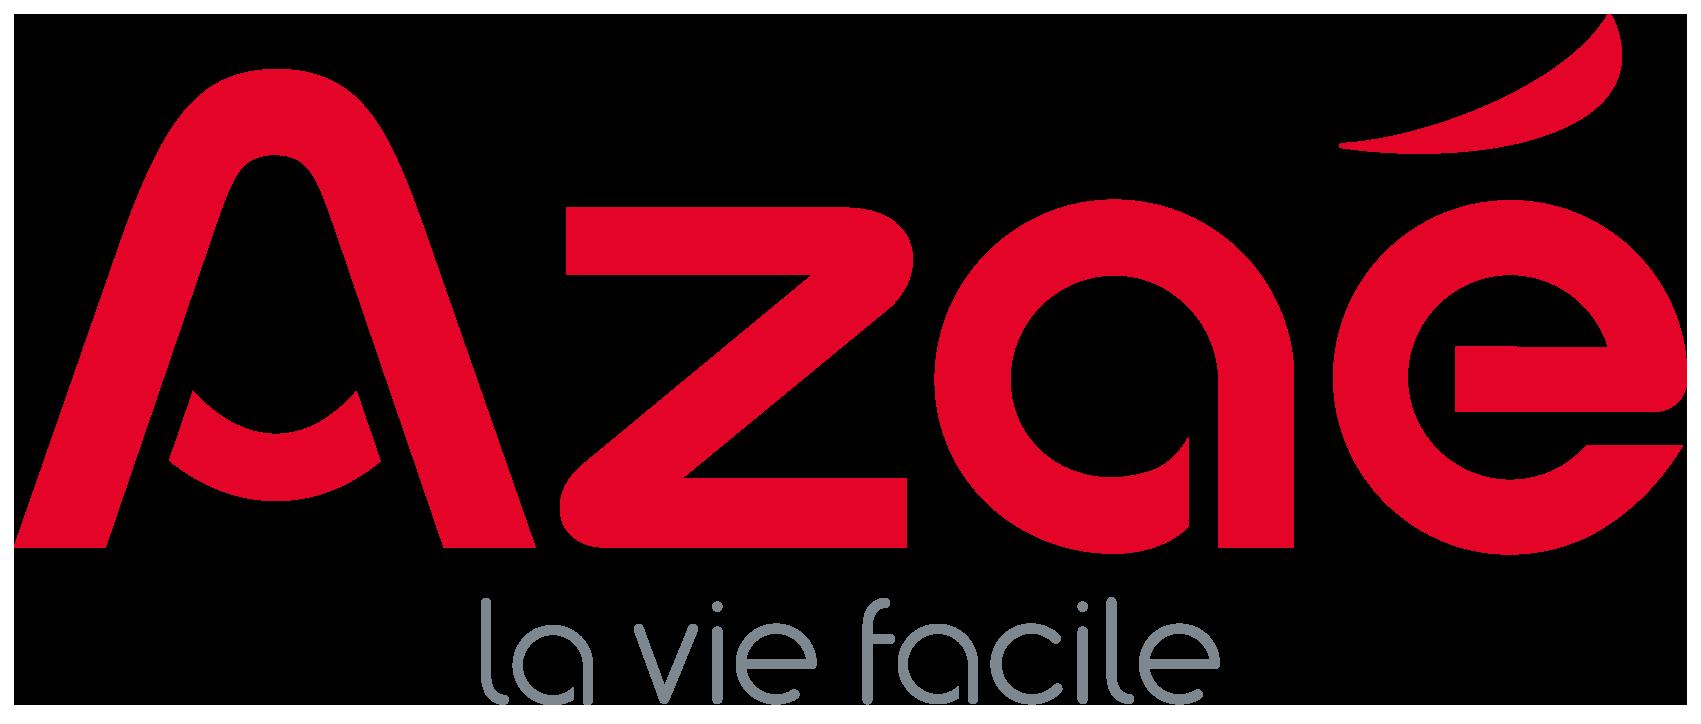 Azae Saint Malo - Aide à domicile et femme de ménage services, aide à domicile